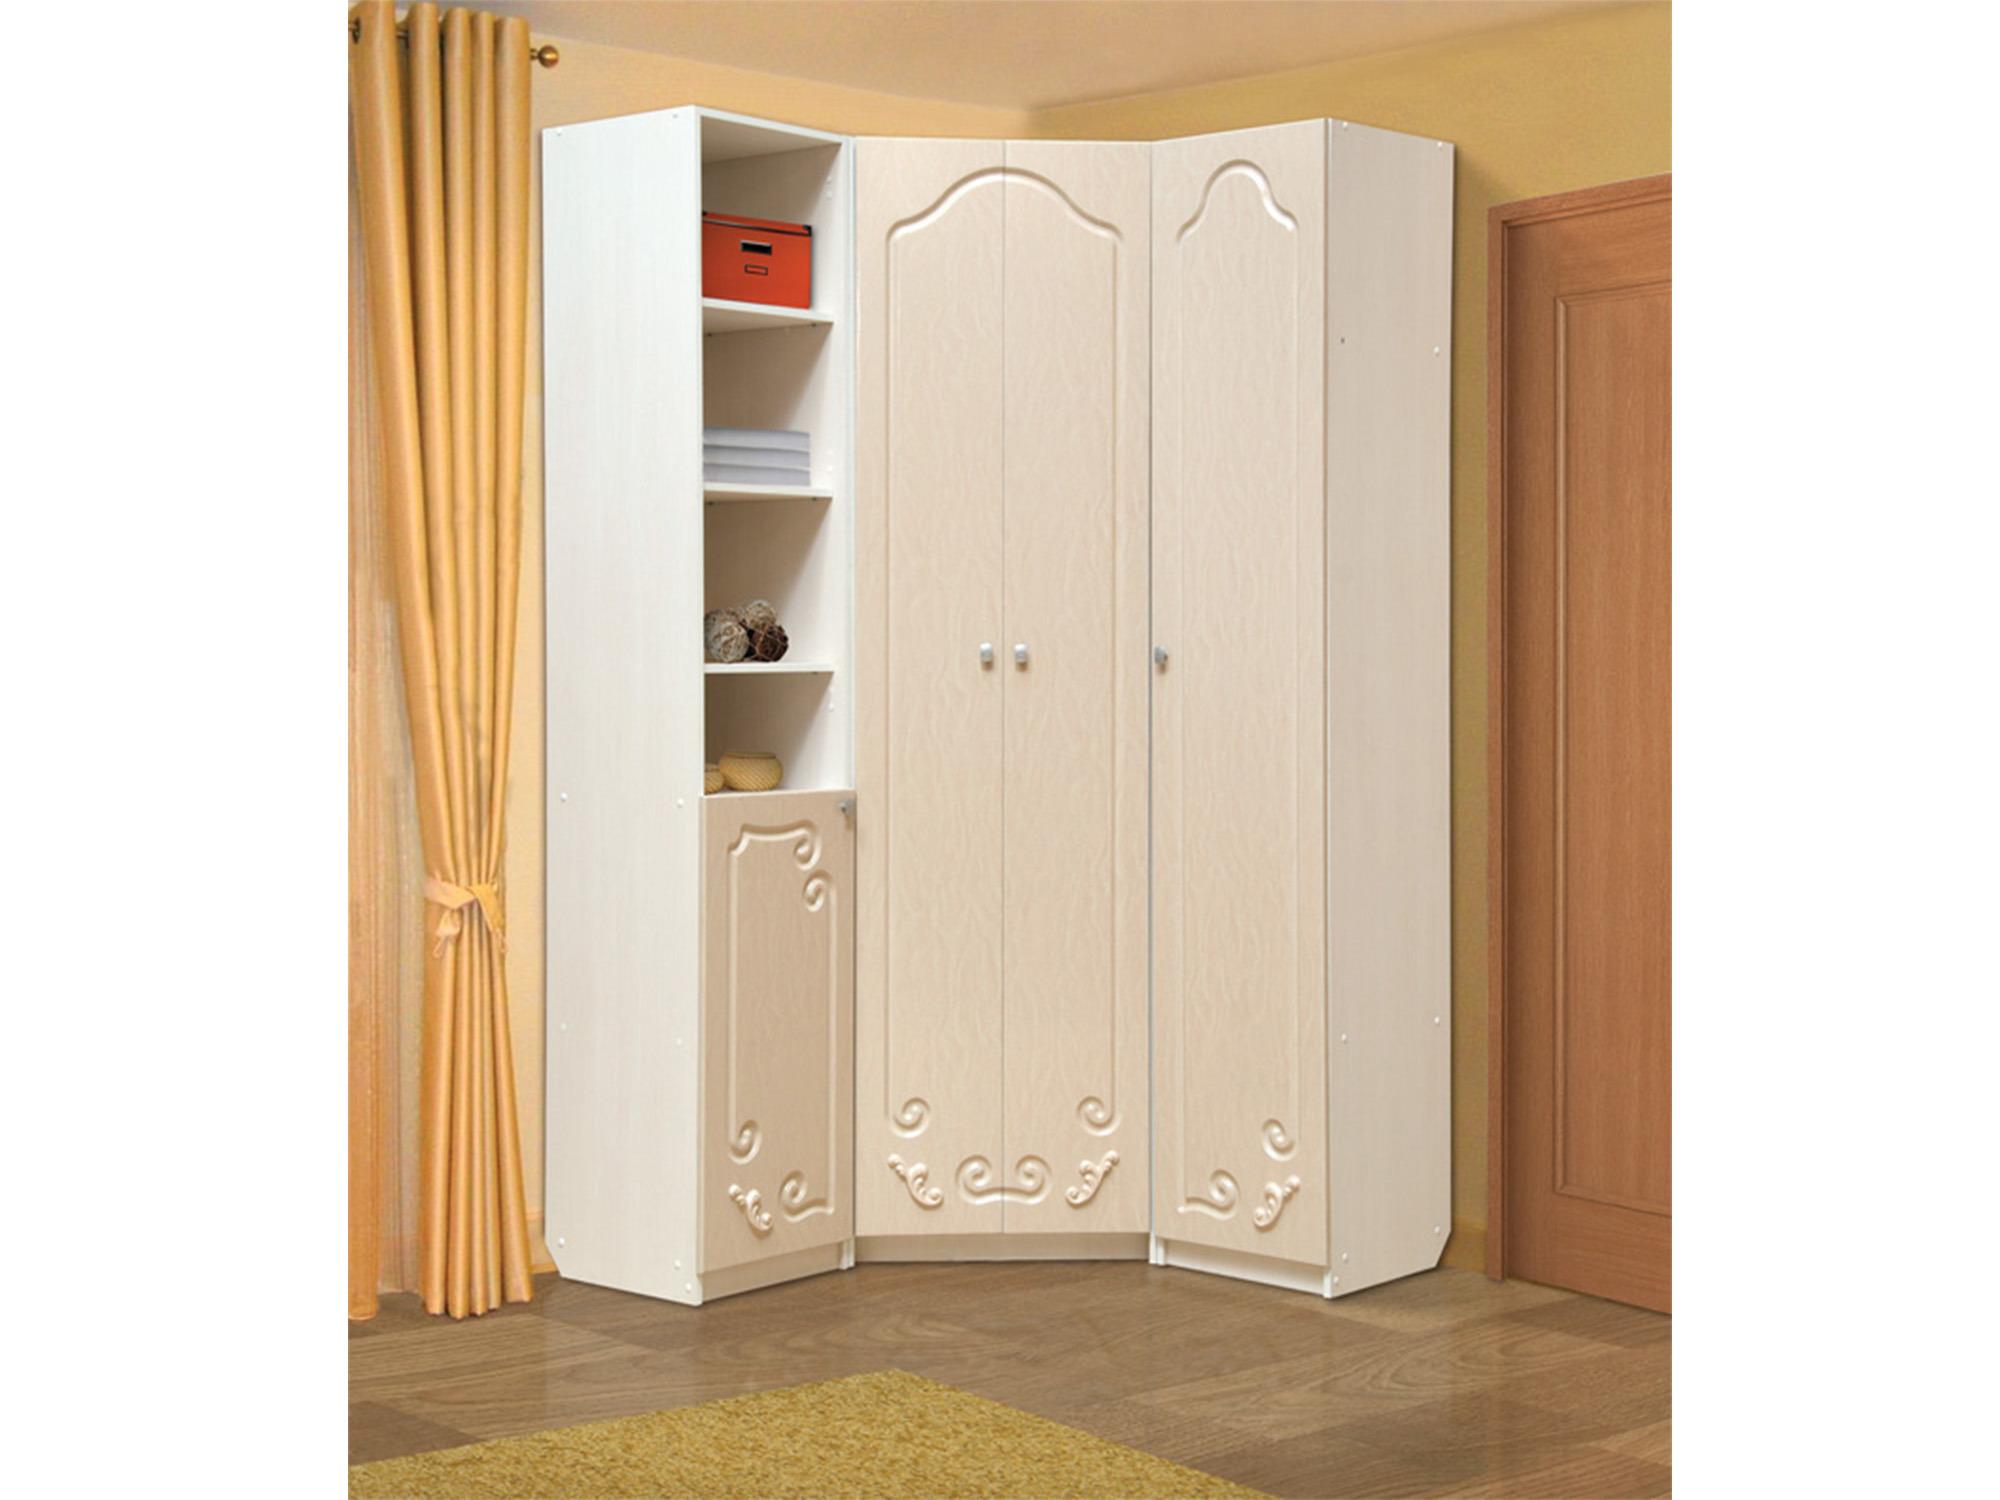 Шкаф угловой ДжульеттаУгловые шкафы<br><br><br>Длина мм: 1290<br>Высота мм: 2200<br>Глубина мм: 1290